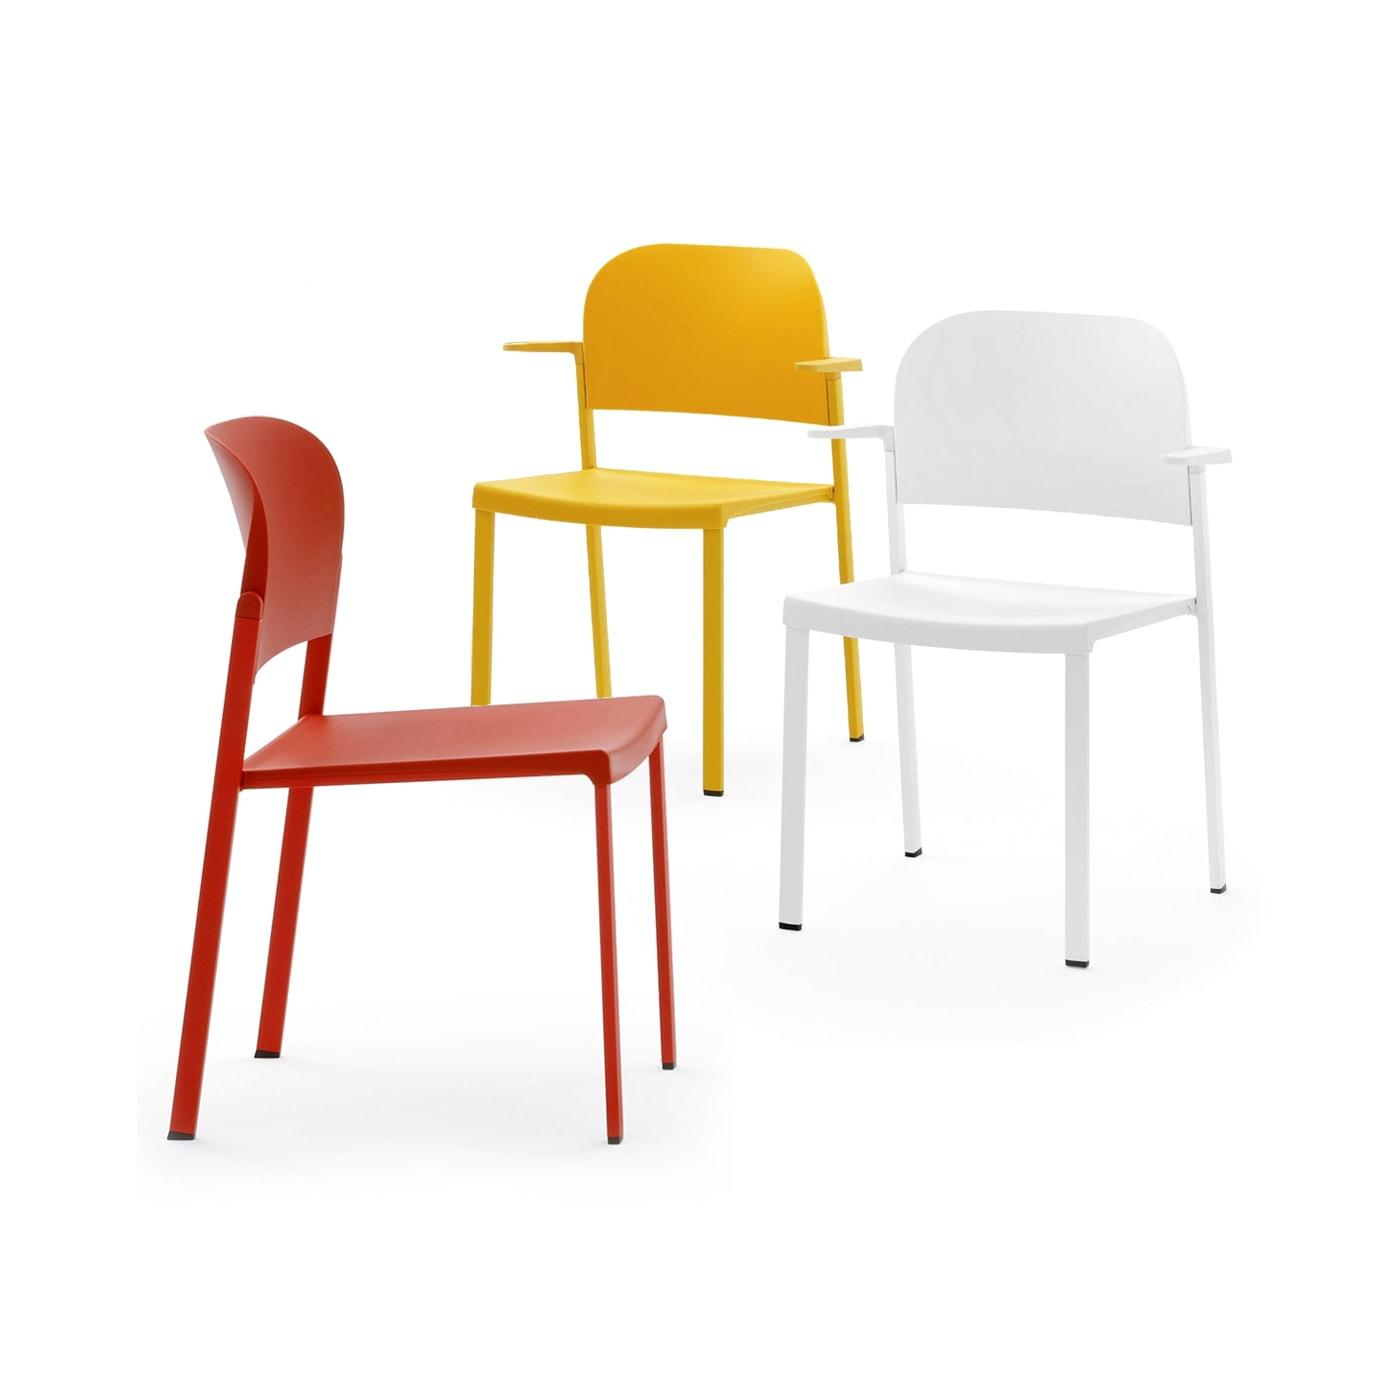 MakeUp sedia impilabile - vendita online